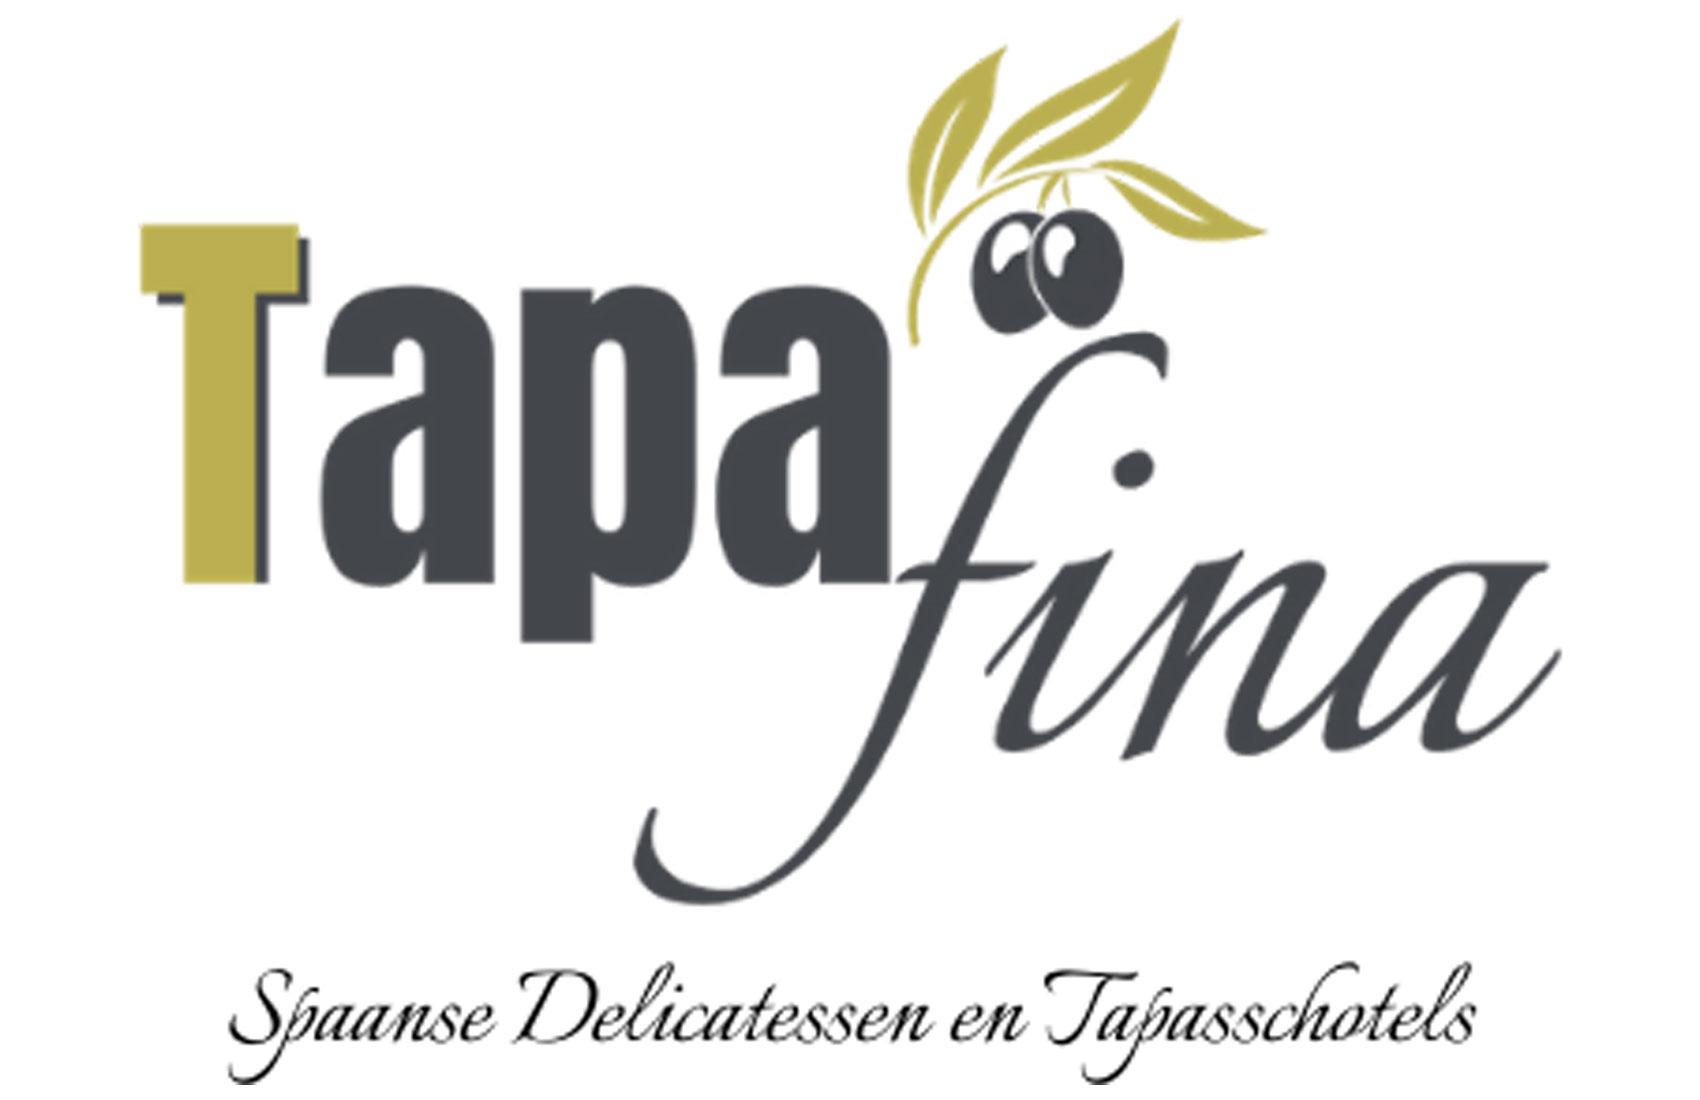 Tapafina